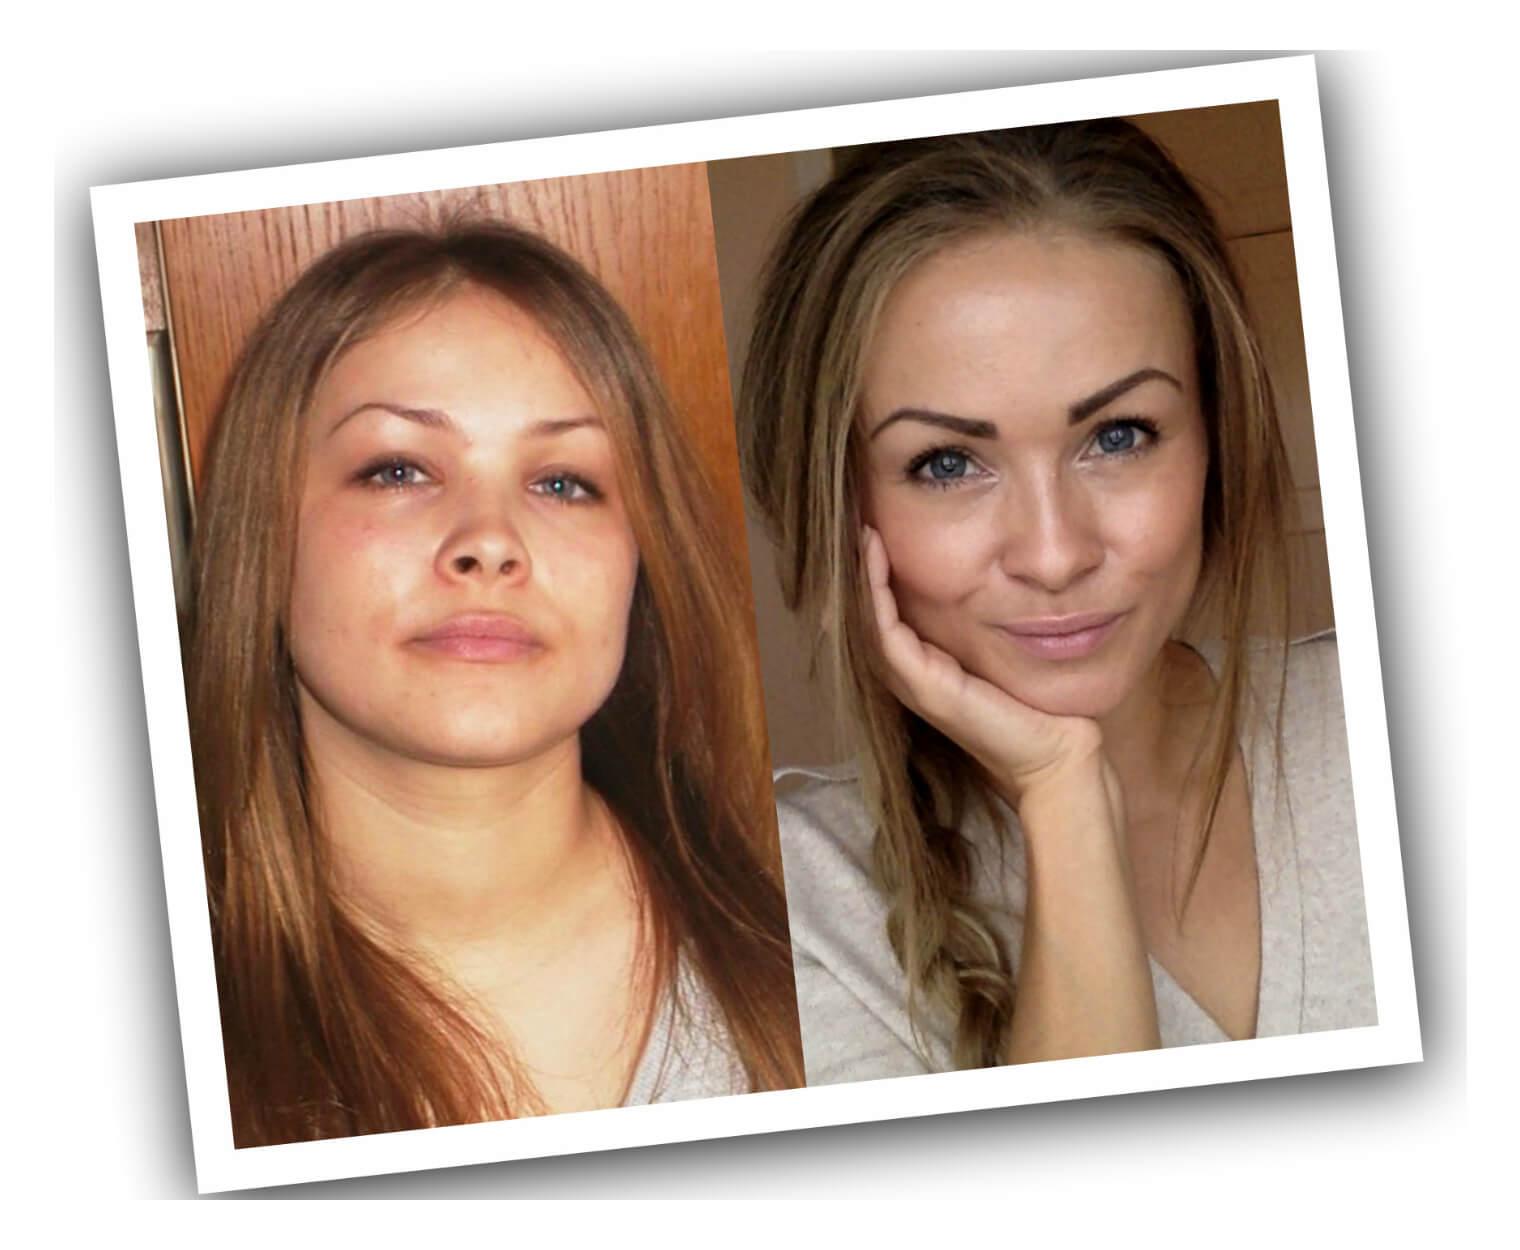 Bruger du (ligesom jeg gjorde) den forkerte metode til at slippe overspisning? KarolinaKaersner.com